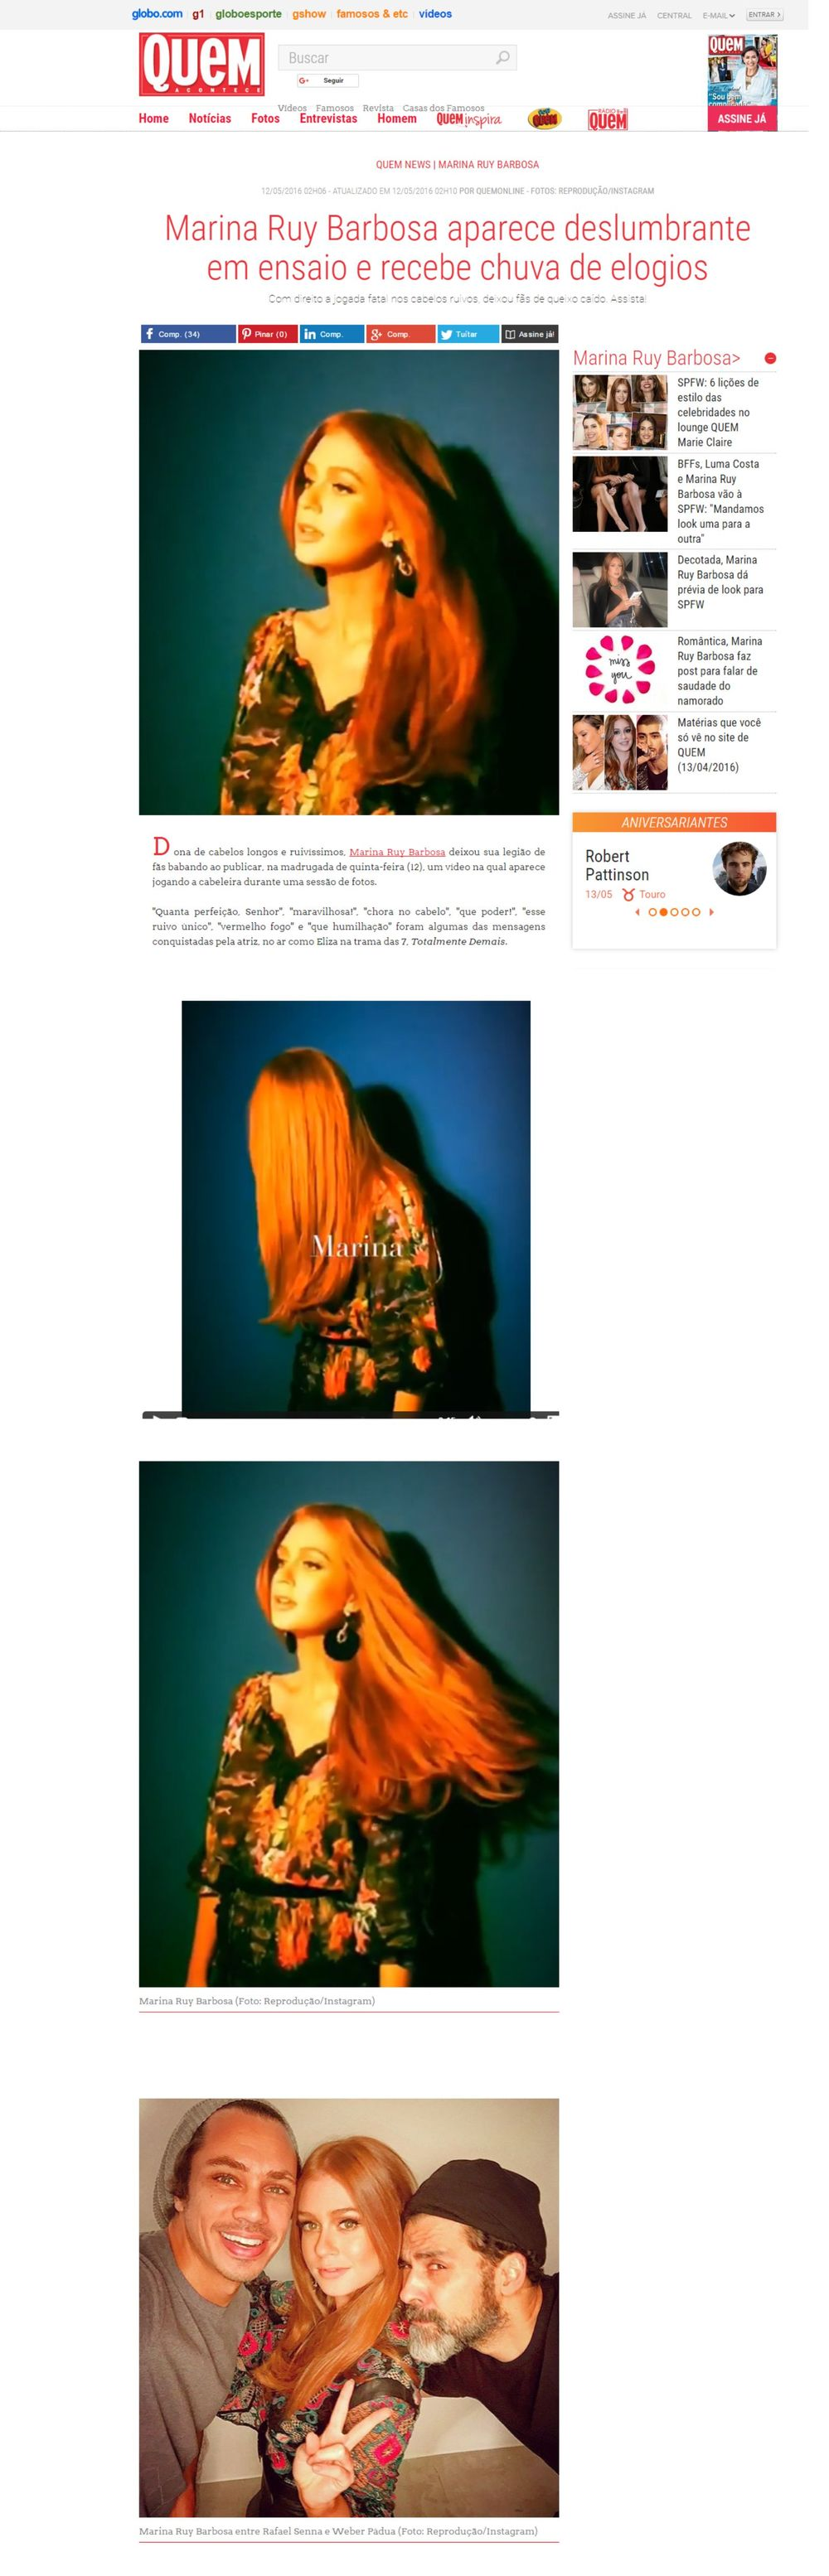 Cajo - Site Revista Quem - 12-05-2016.jpg